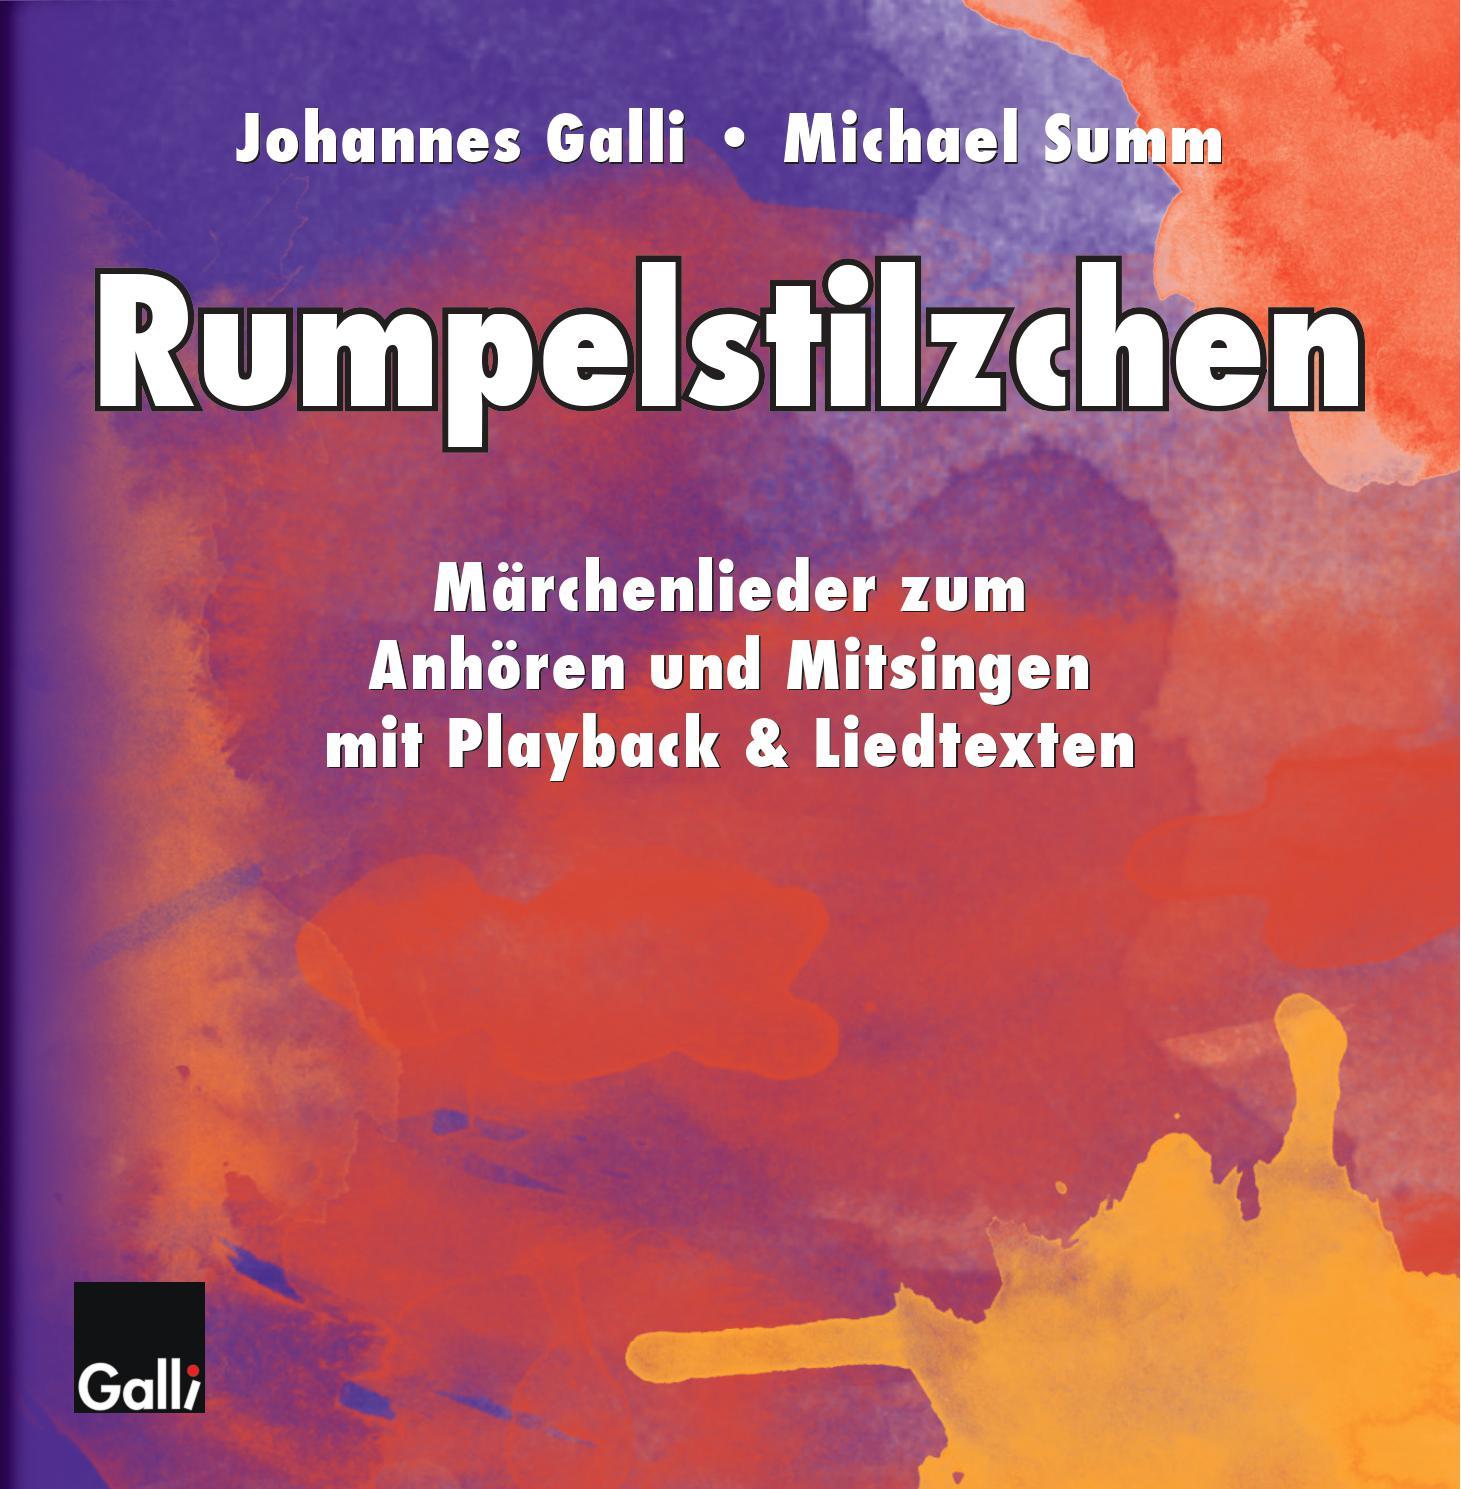 Rumpelstilzchen – CD-Cover